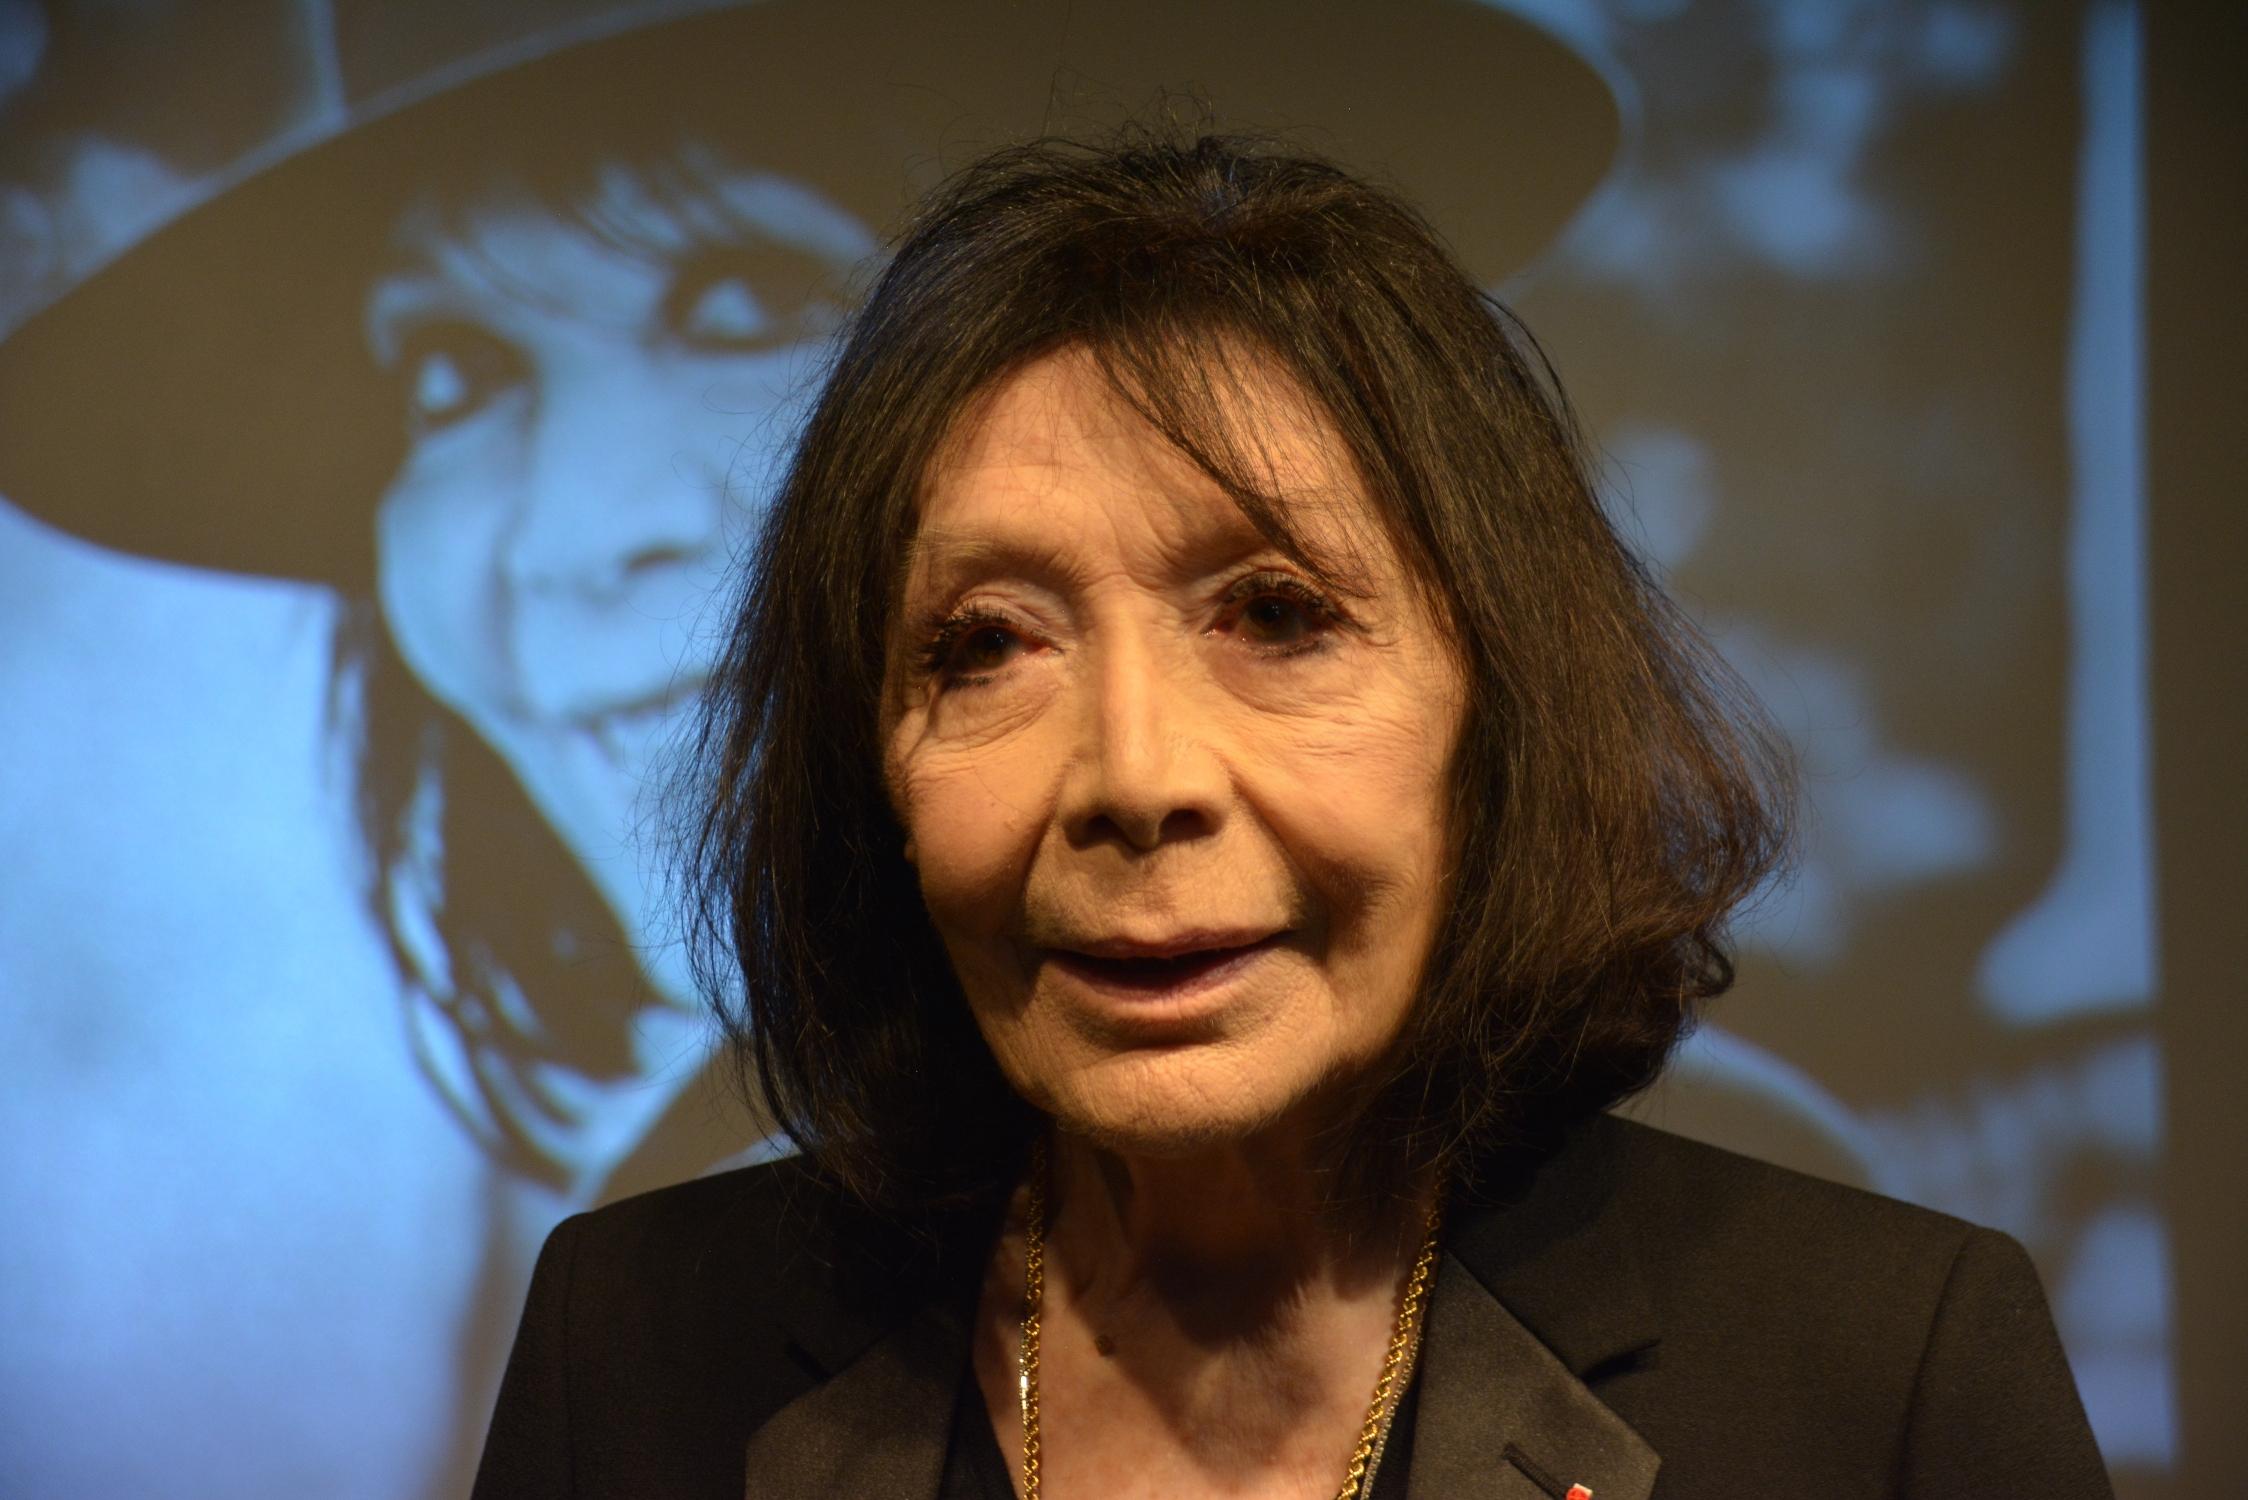 Juliette Gréco, une icône de la chanson française à Montréal